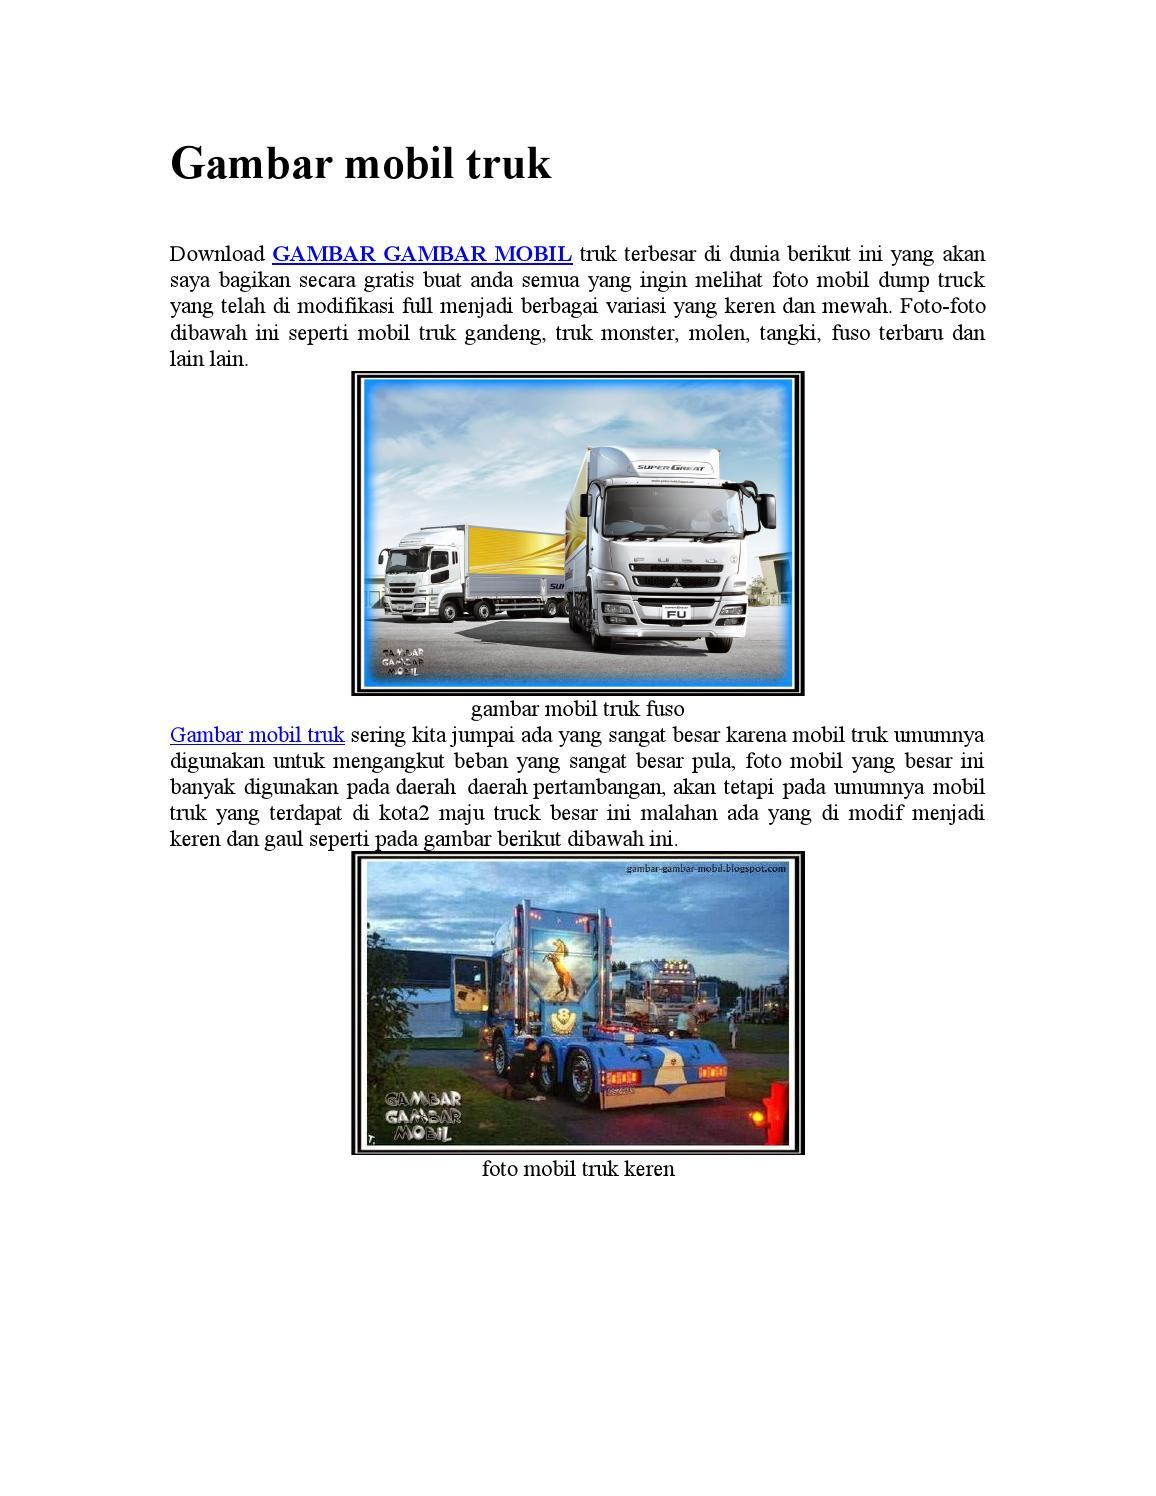 930+ Gambar Gambar Di Mobil Truk Terbaik